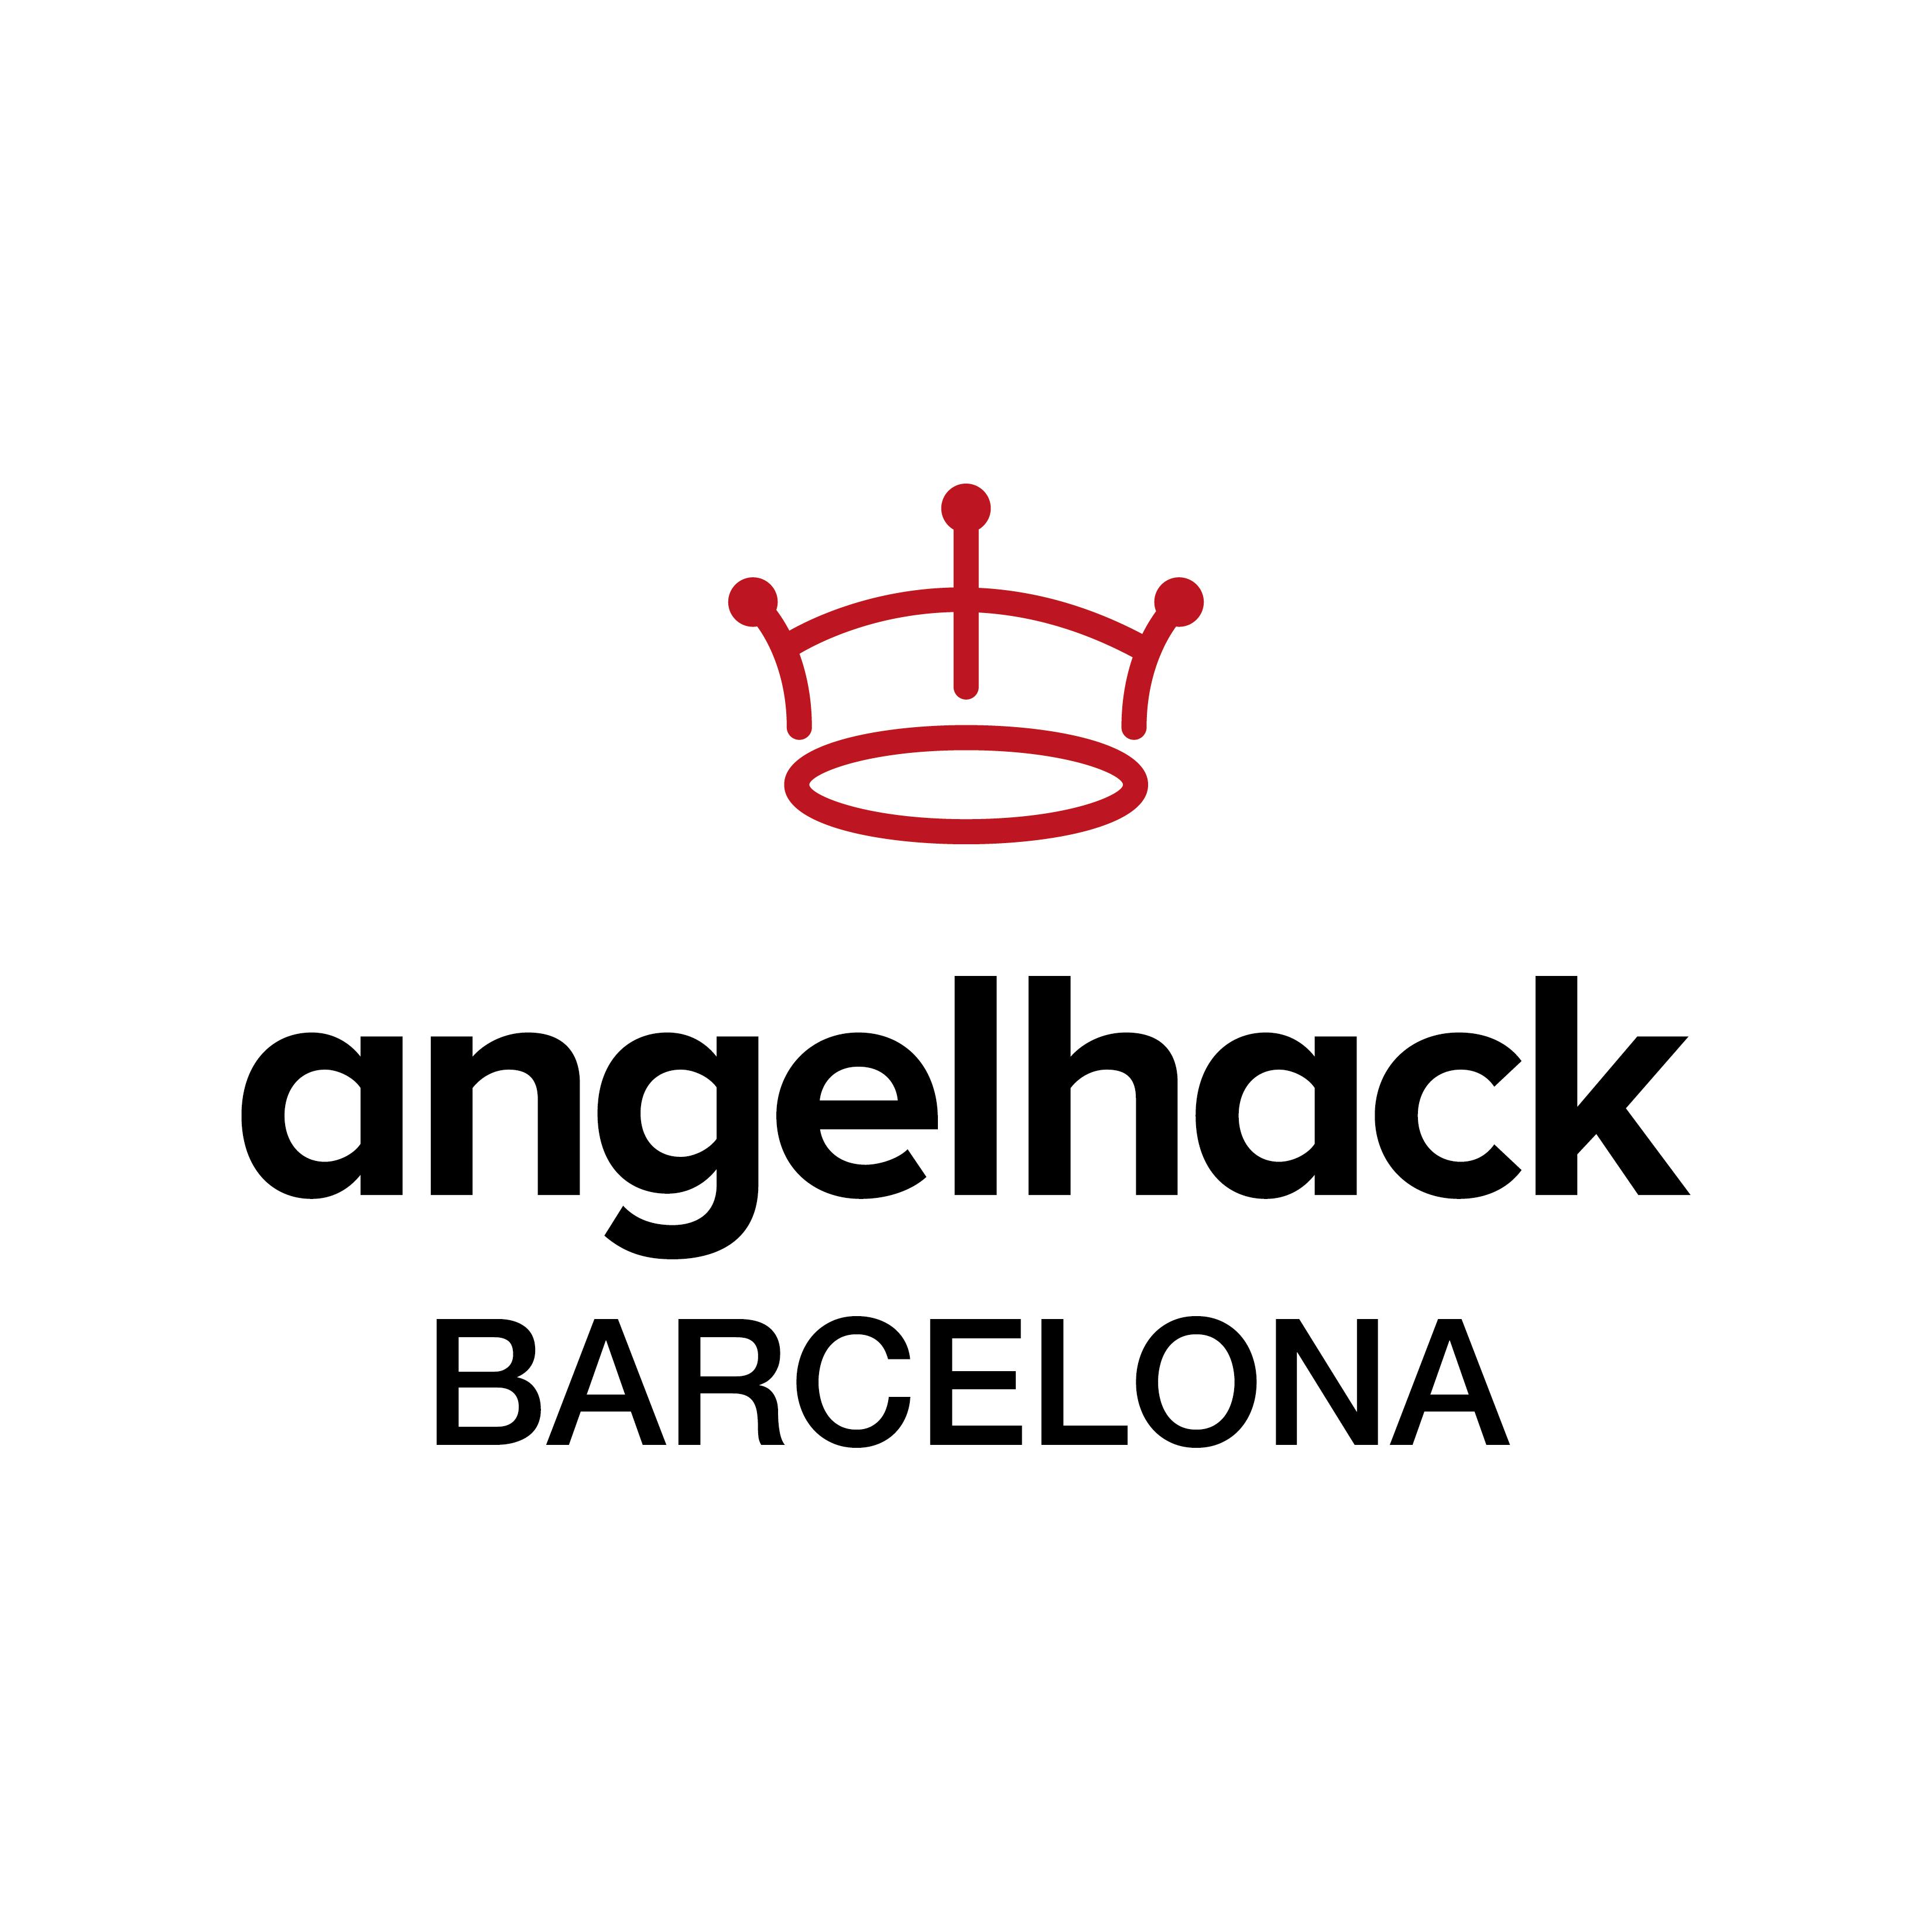 Vuelve a Barcelona el hackathon organizado por Angelhack